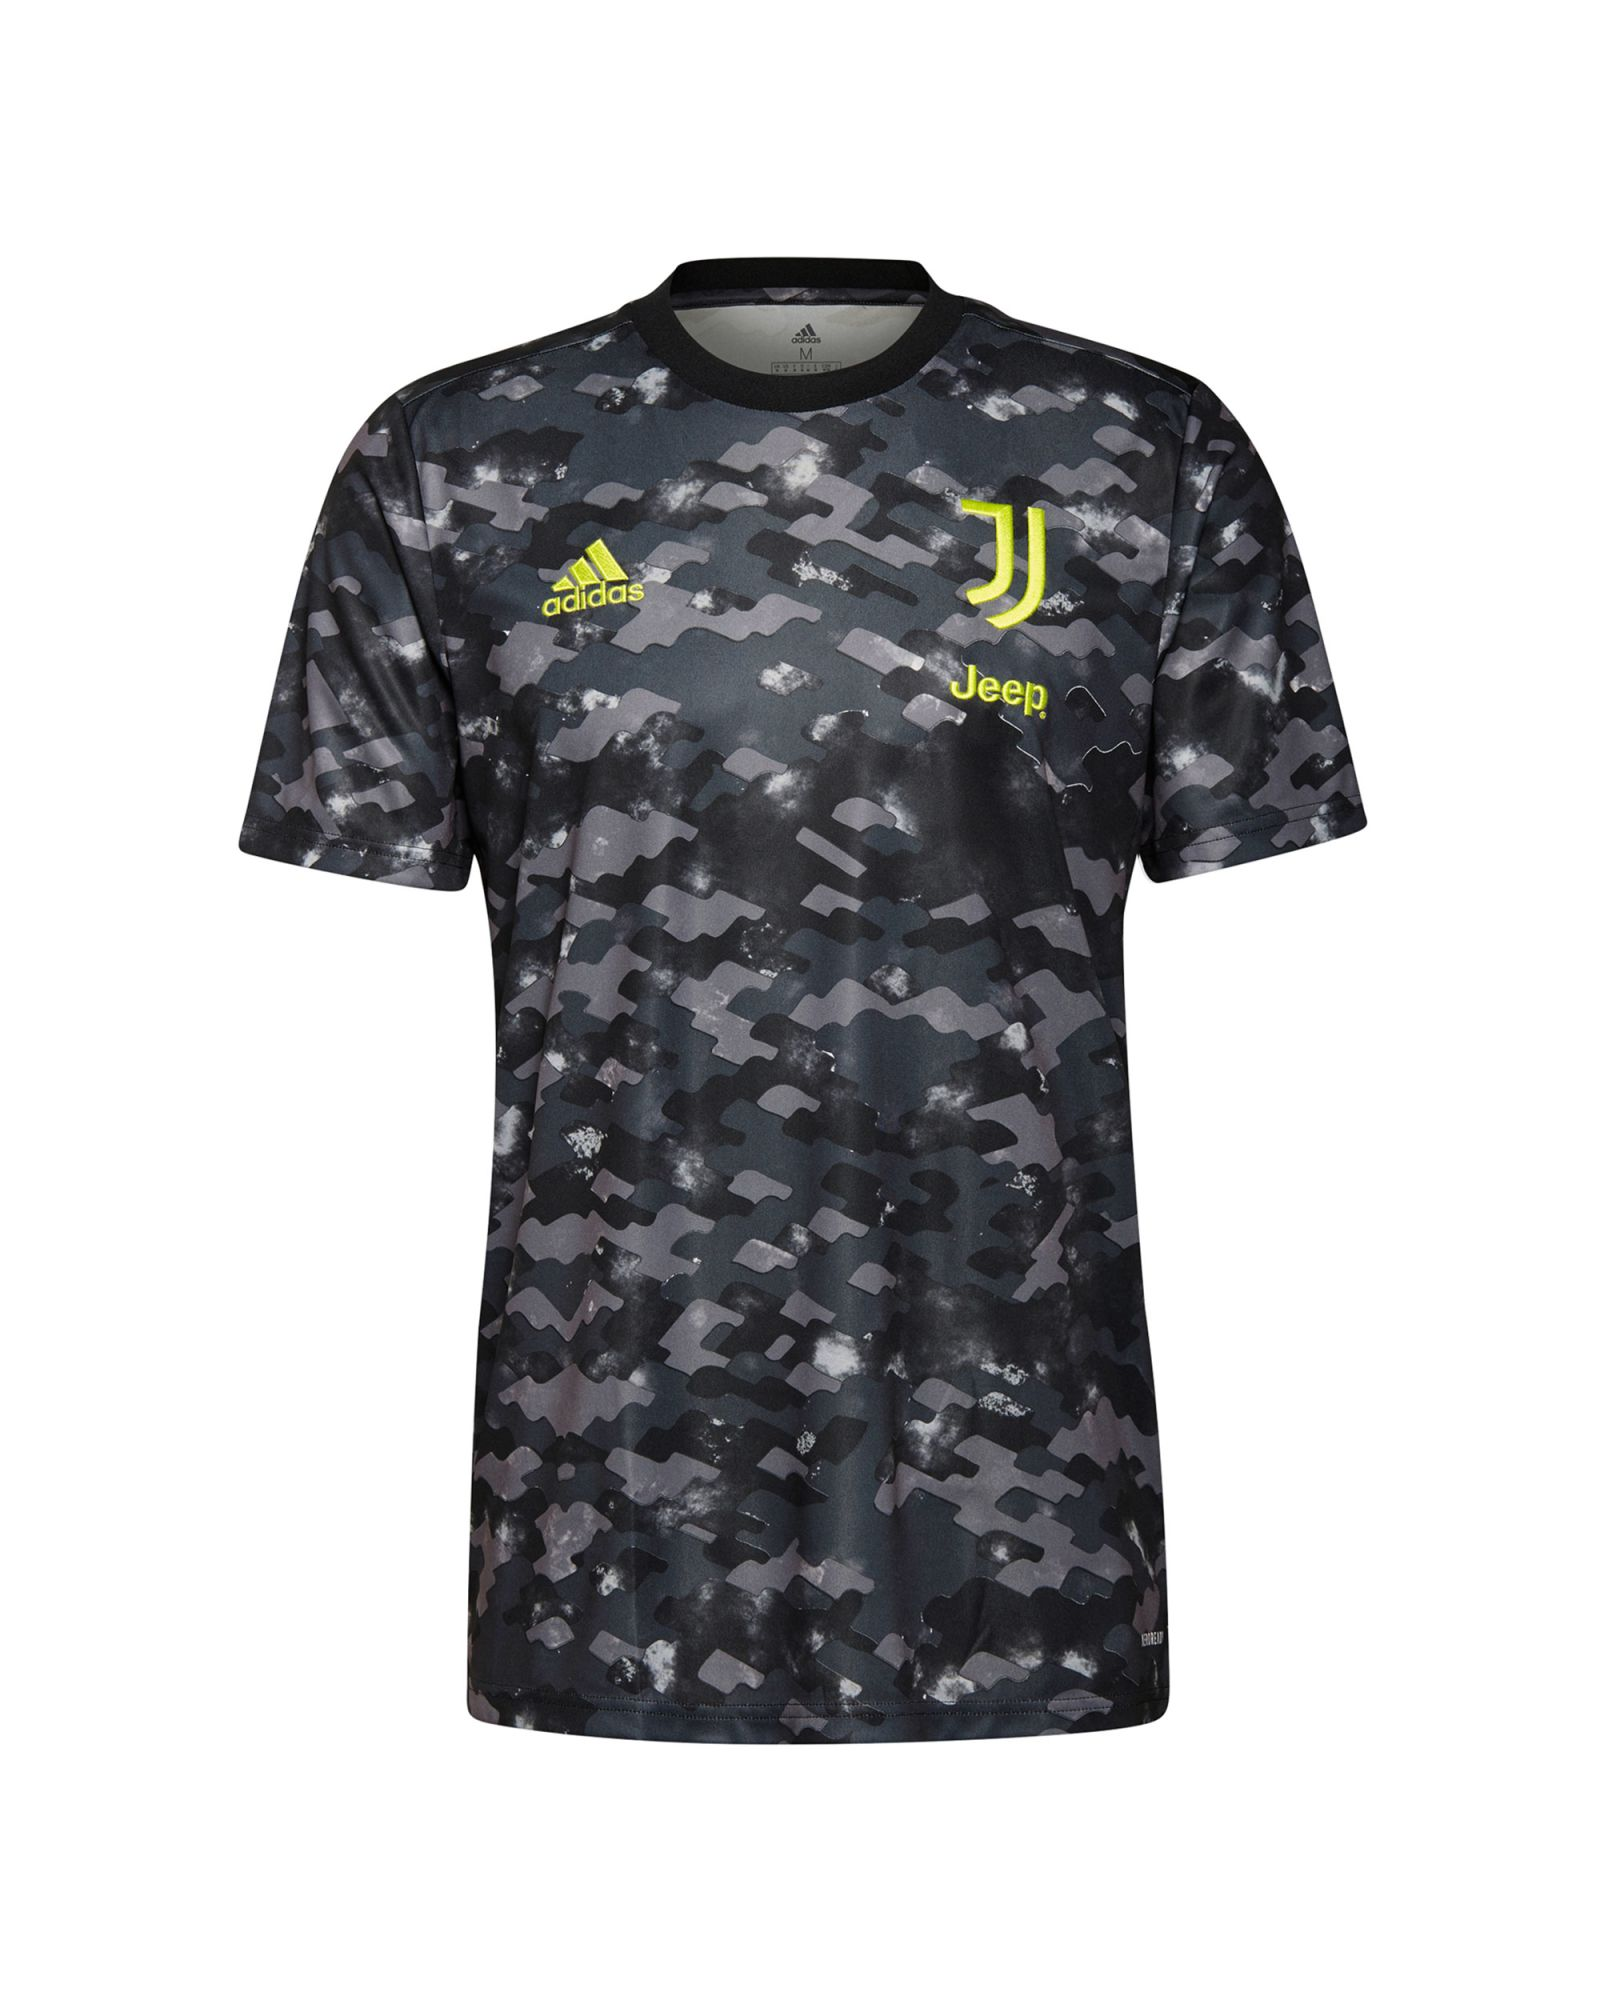 Пред матчевая футболка Ювентус 2021-2022